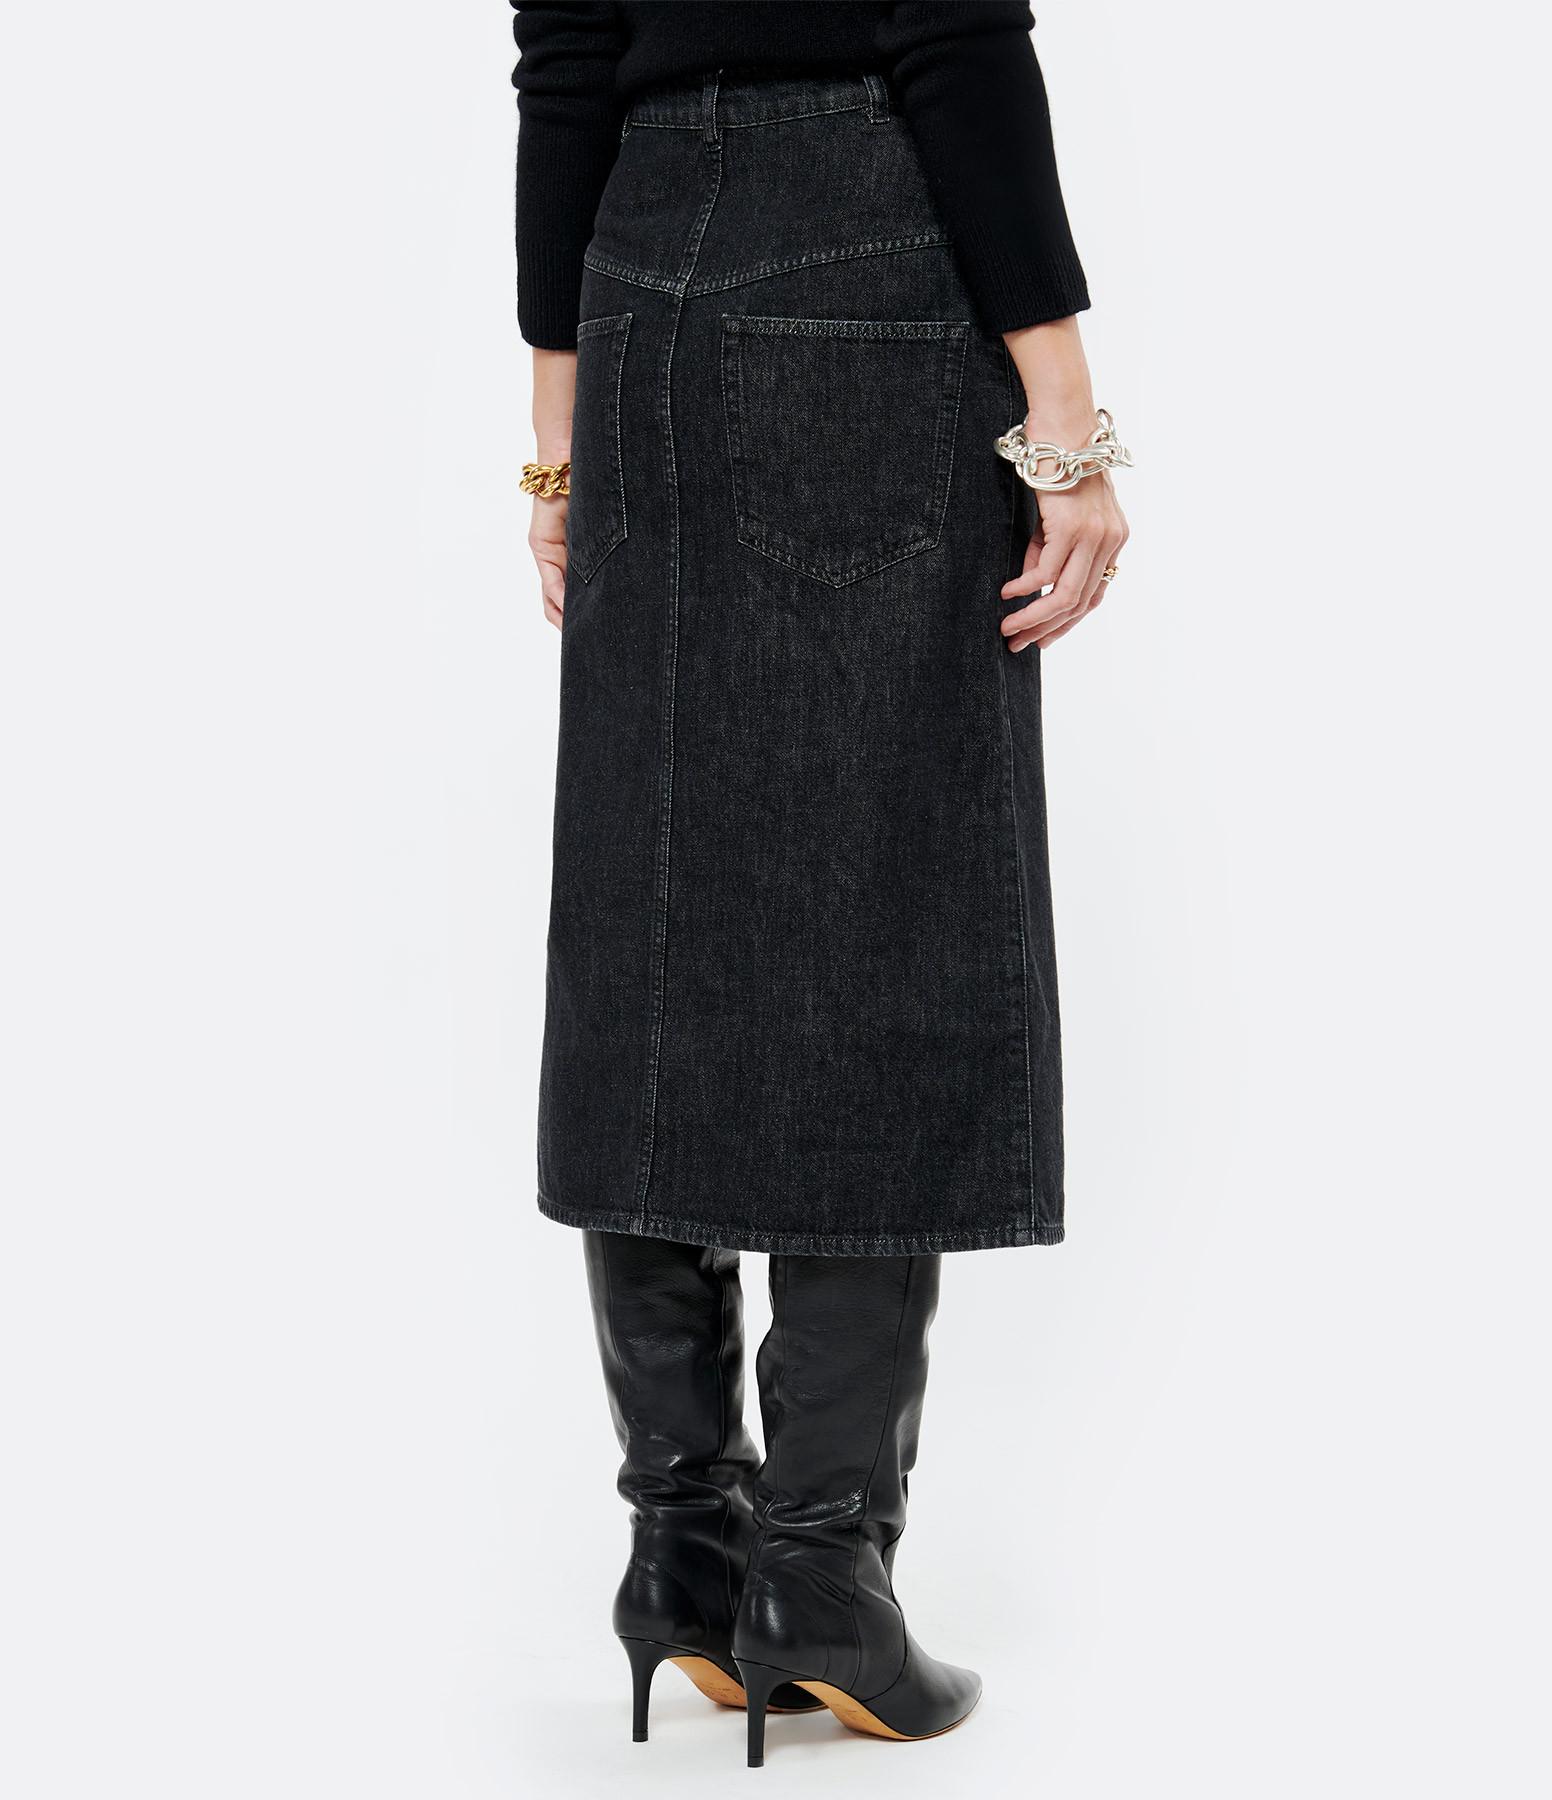 ISABEL MARANT - Jupe Dipoma Coton Noir Délavé